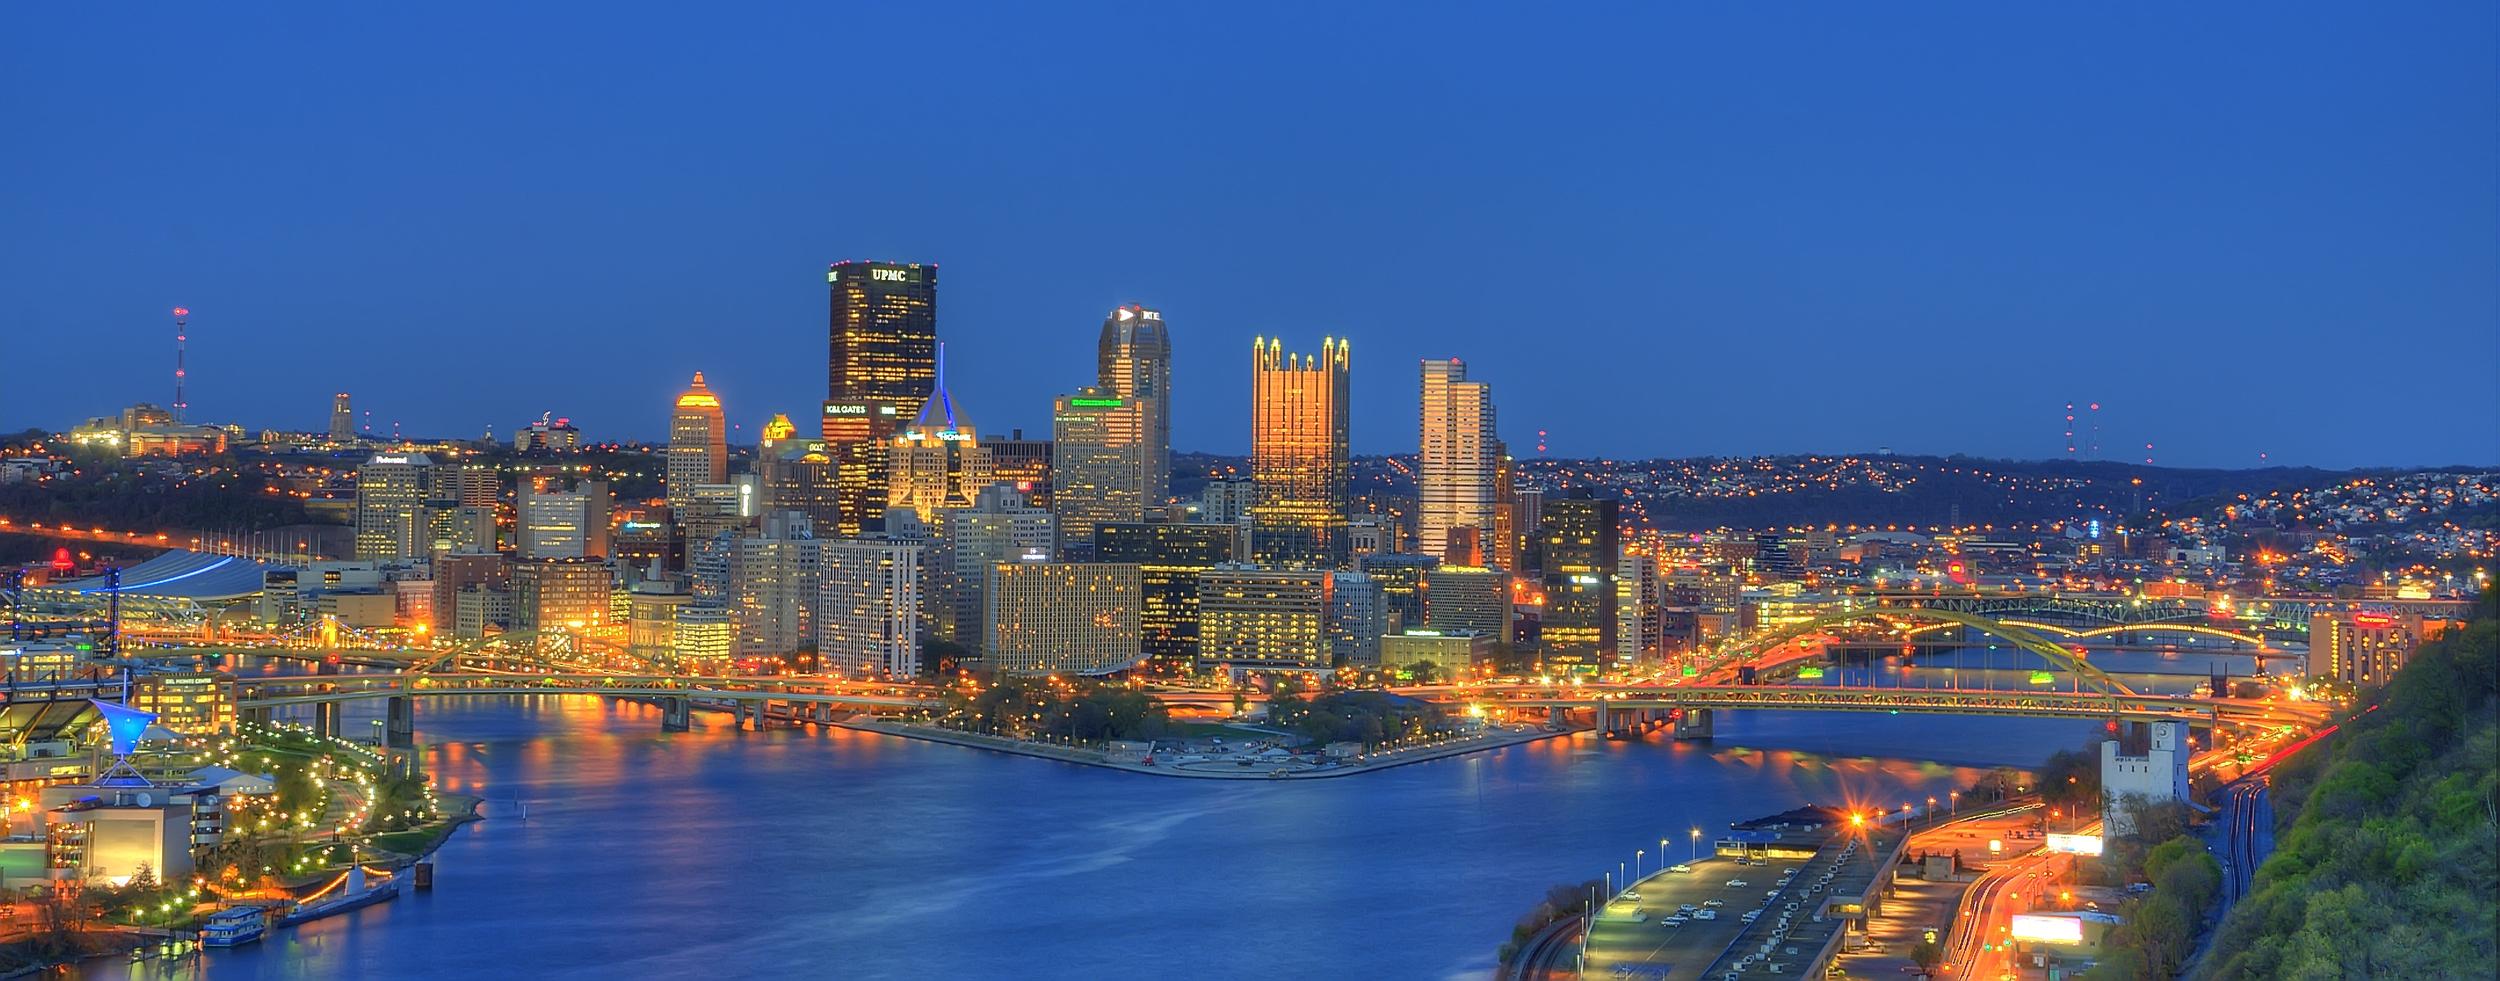 Purchase this print:http://brookward.smugmug.com/Landscapes/Pittsburgh-Area/23211660_HJJbM8#!i=2248134451&k=6wwSphV&lb=1&s=A